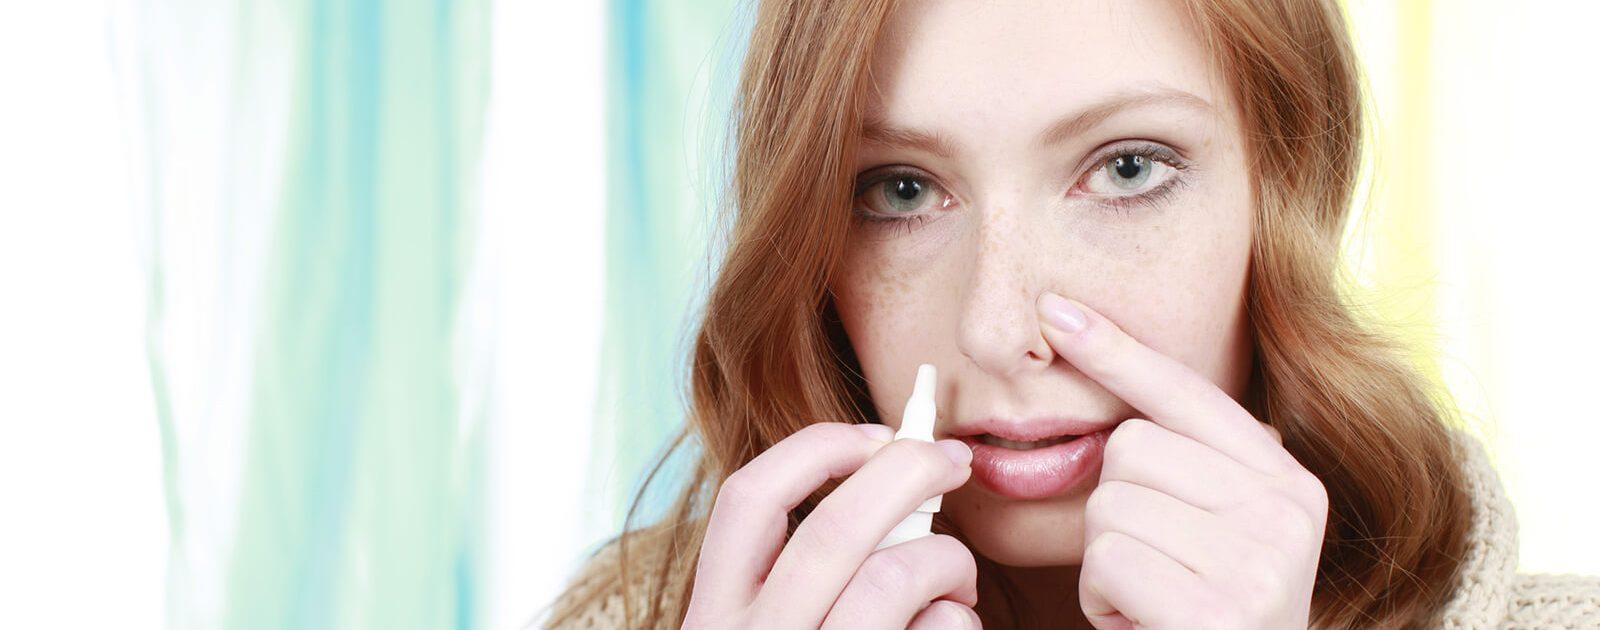 Frau mit Nasenspray Sucht